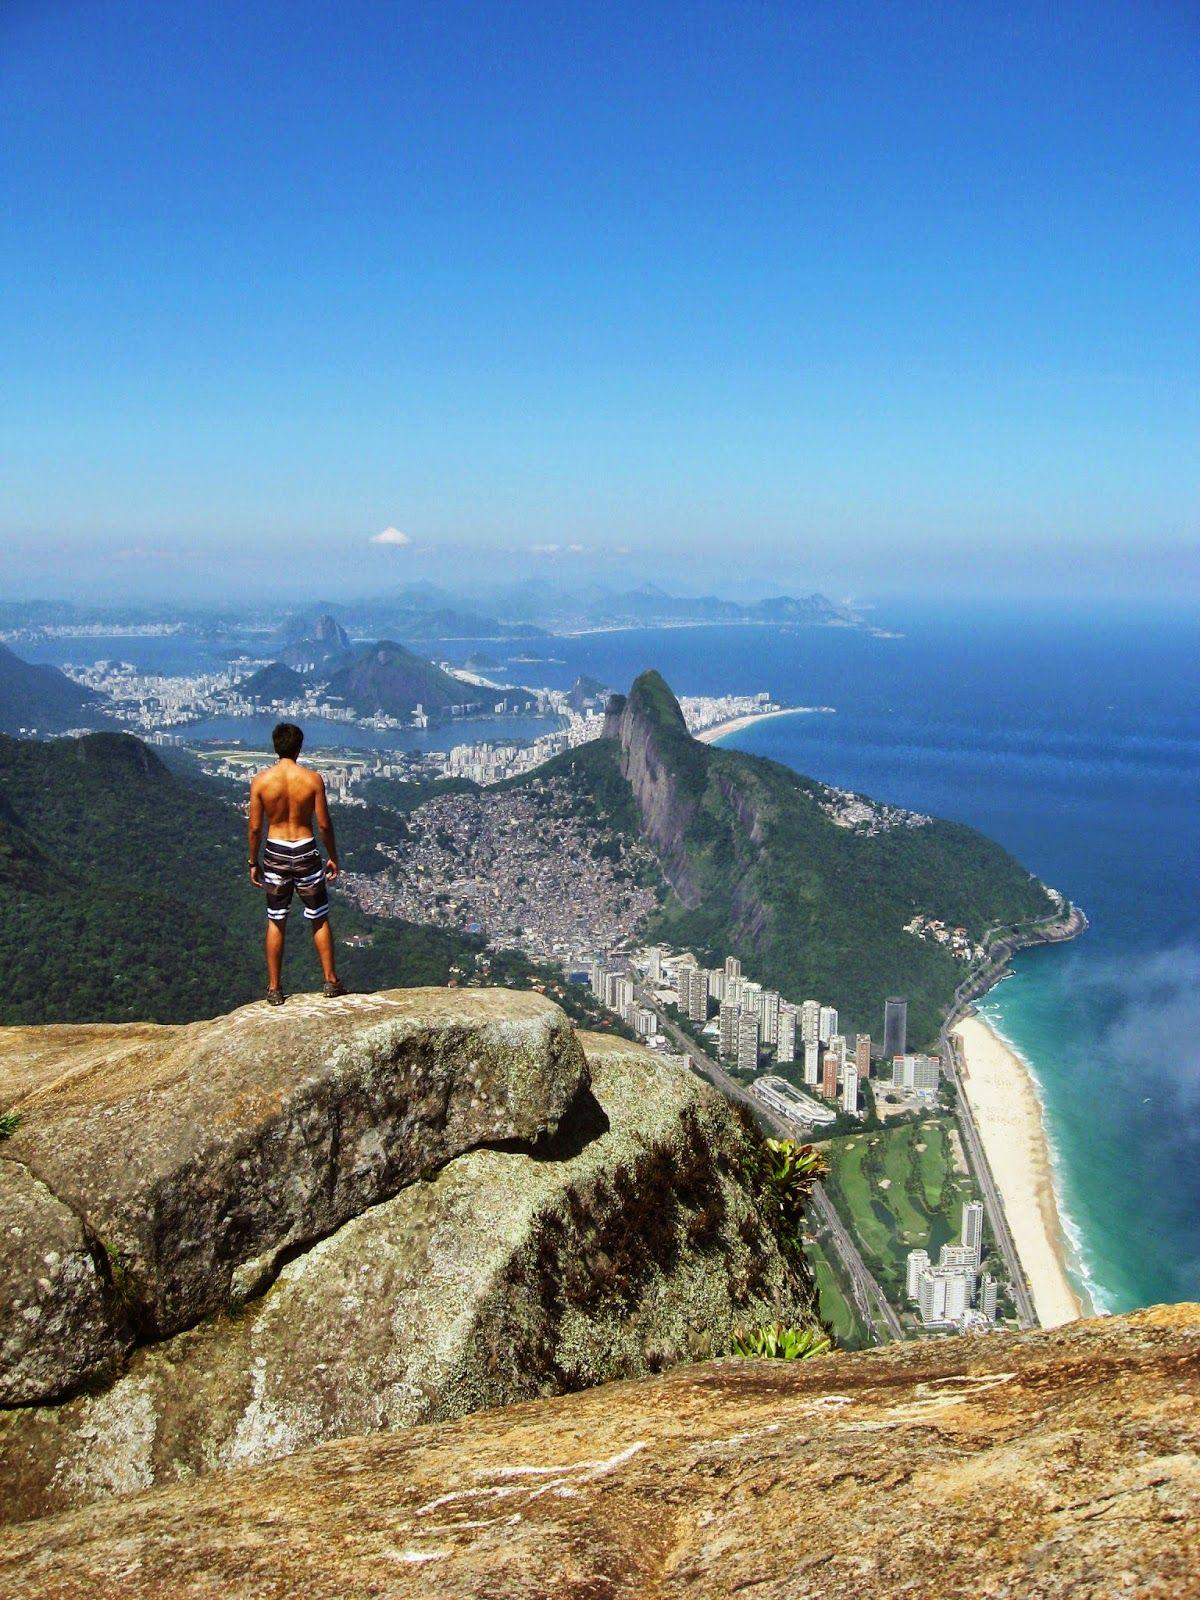 AVENTRITUR - Aventuras, Trilhas e Turismo.: Pedra da Gávea